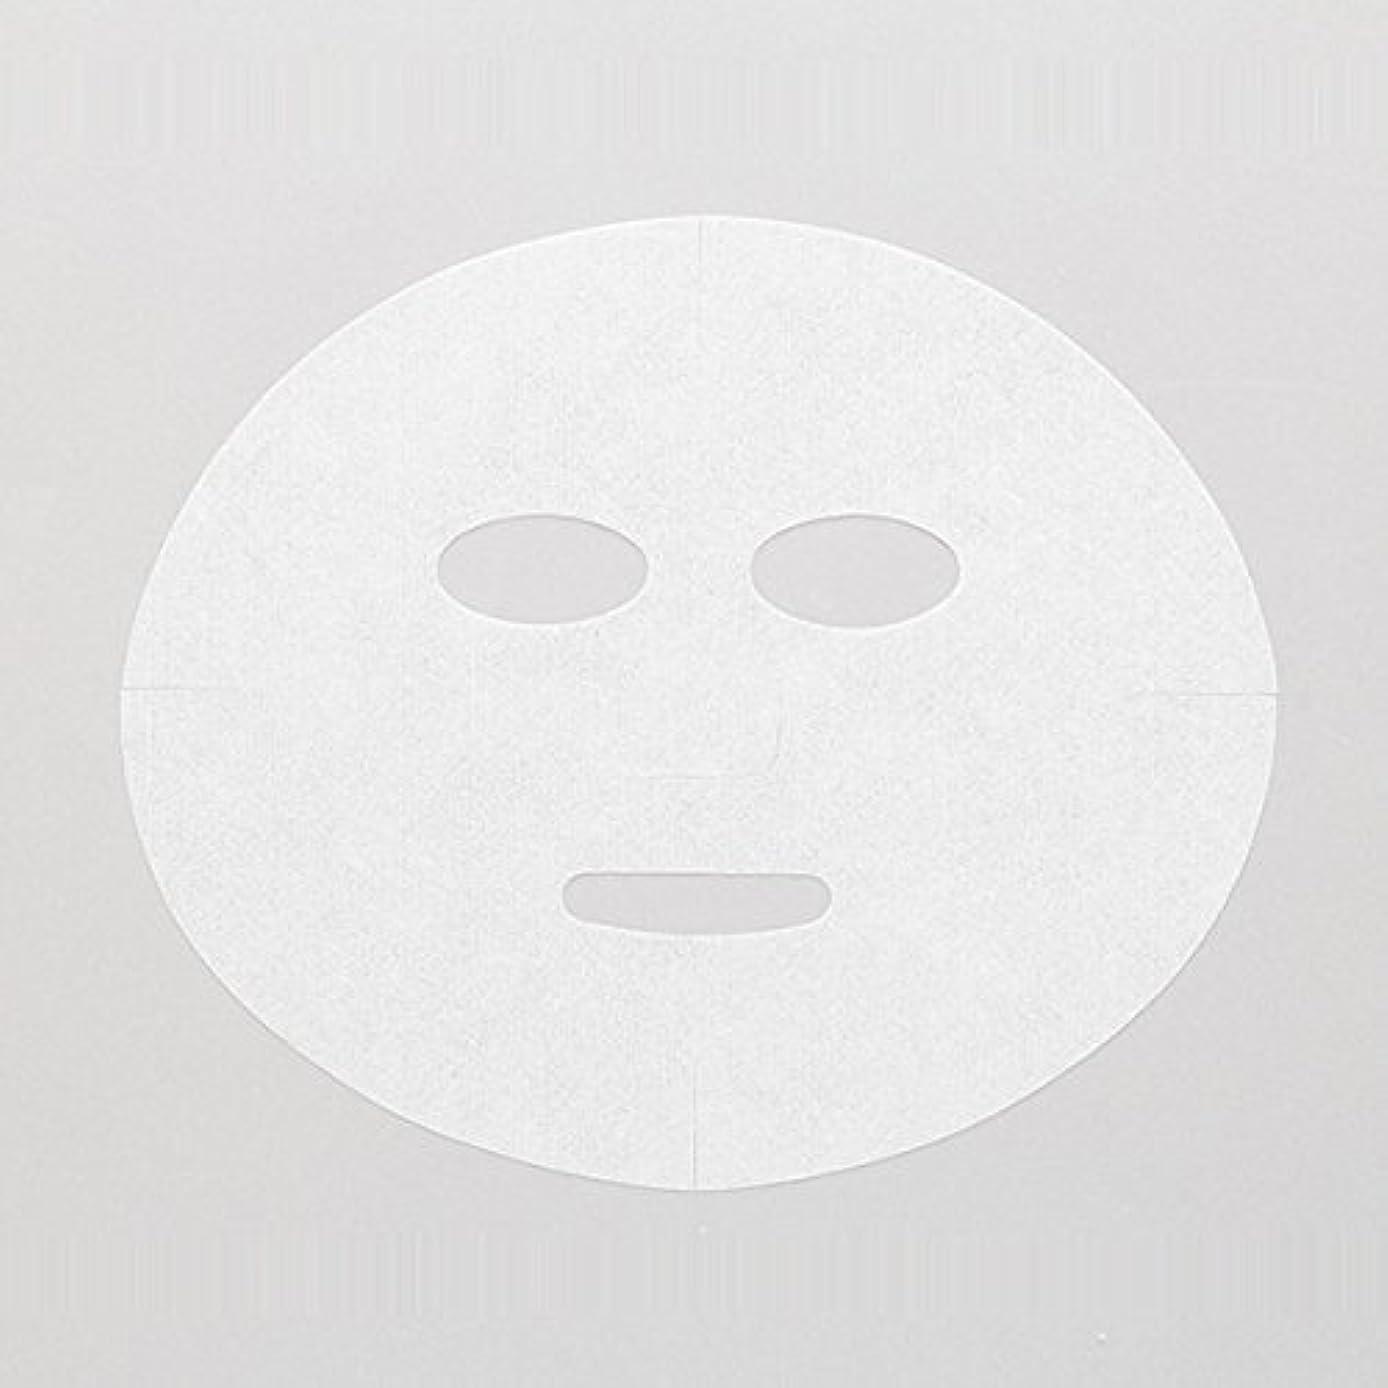 従事する情熱的迷信高保水 フェイシャルシート (マスクタイプ 化粧水無) 80枚 24×20cm [ フェイスマスク フェイスシート フェイスパック フェイシャルマスク シートマスク フェイシャルシート フェイシャルパック ローションマスク...